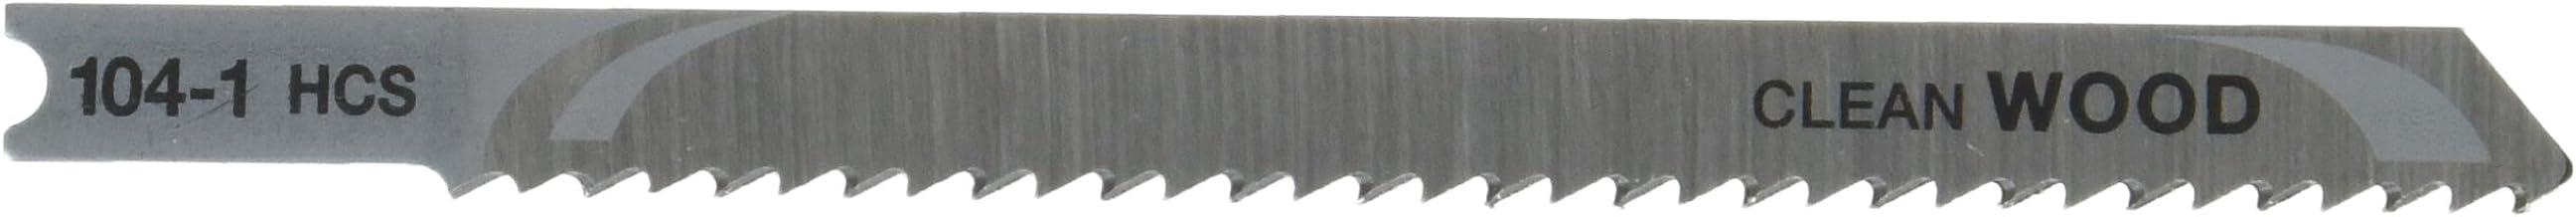 Dewalt DT2208-QZ - Hojas de sierra de calar XPC 94 cortes rectos, limpios y rapidos en madera/plastico 30mm paso 2,5mm